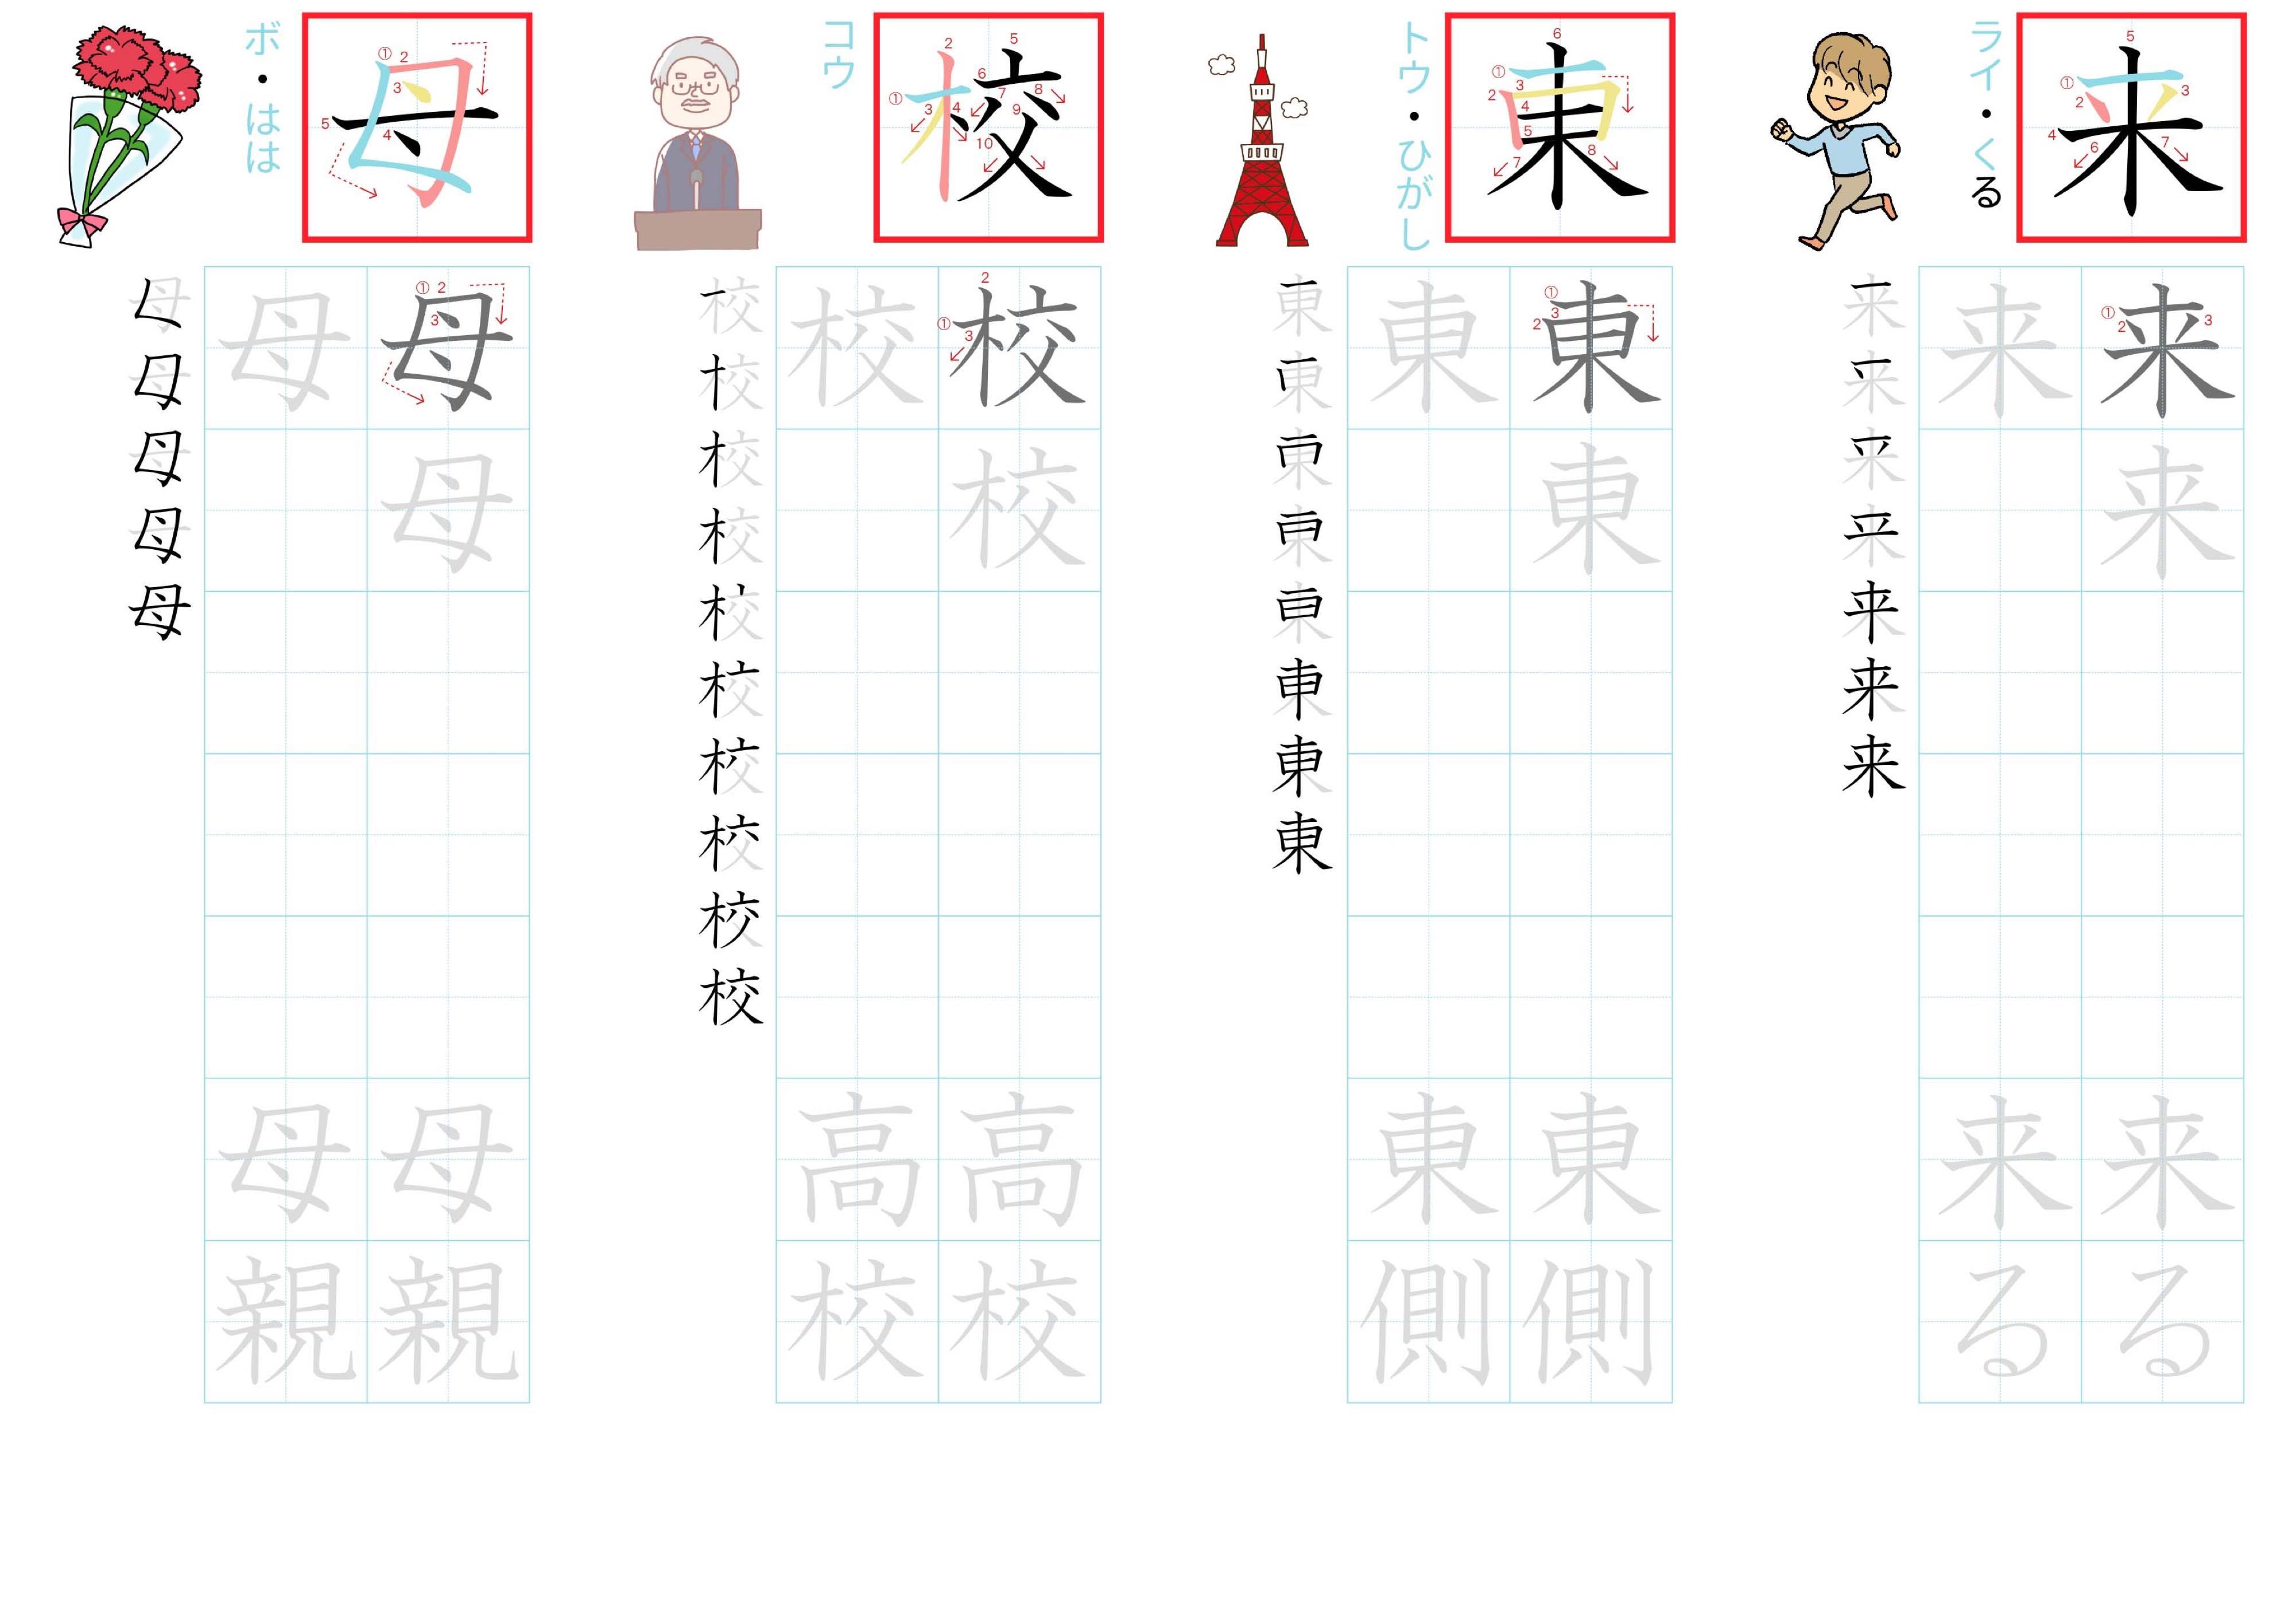 kanji-practice-card-n5-japanese-014